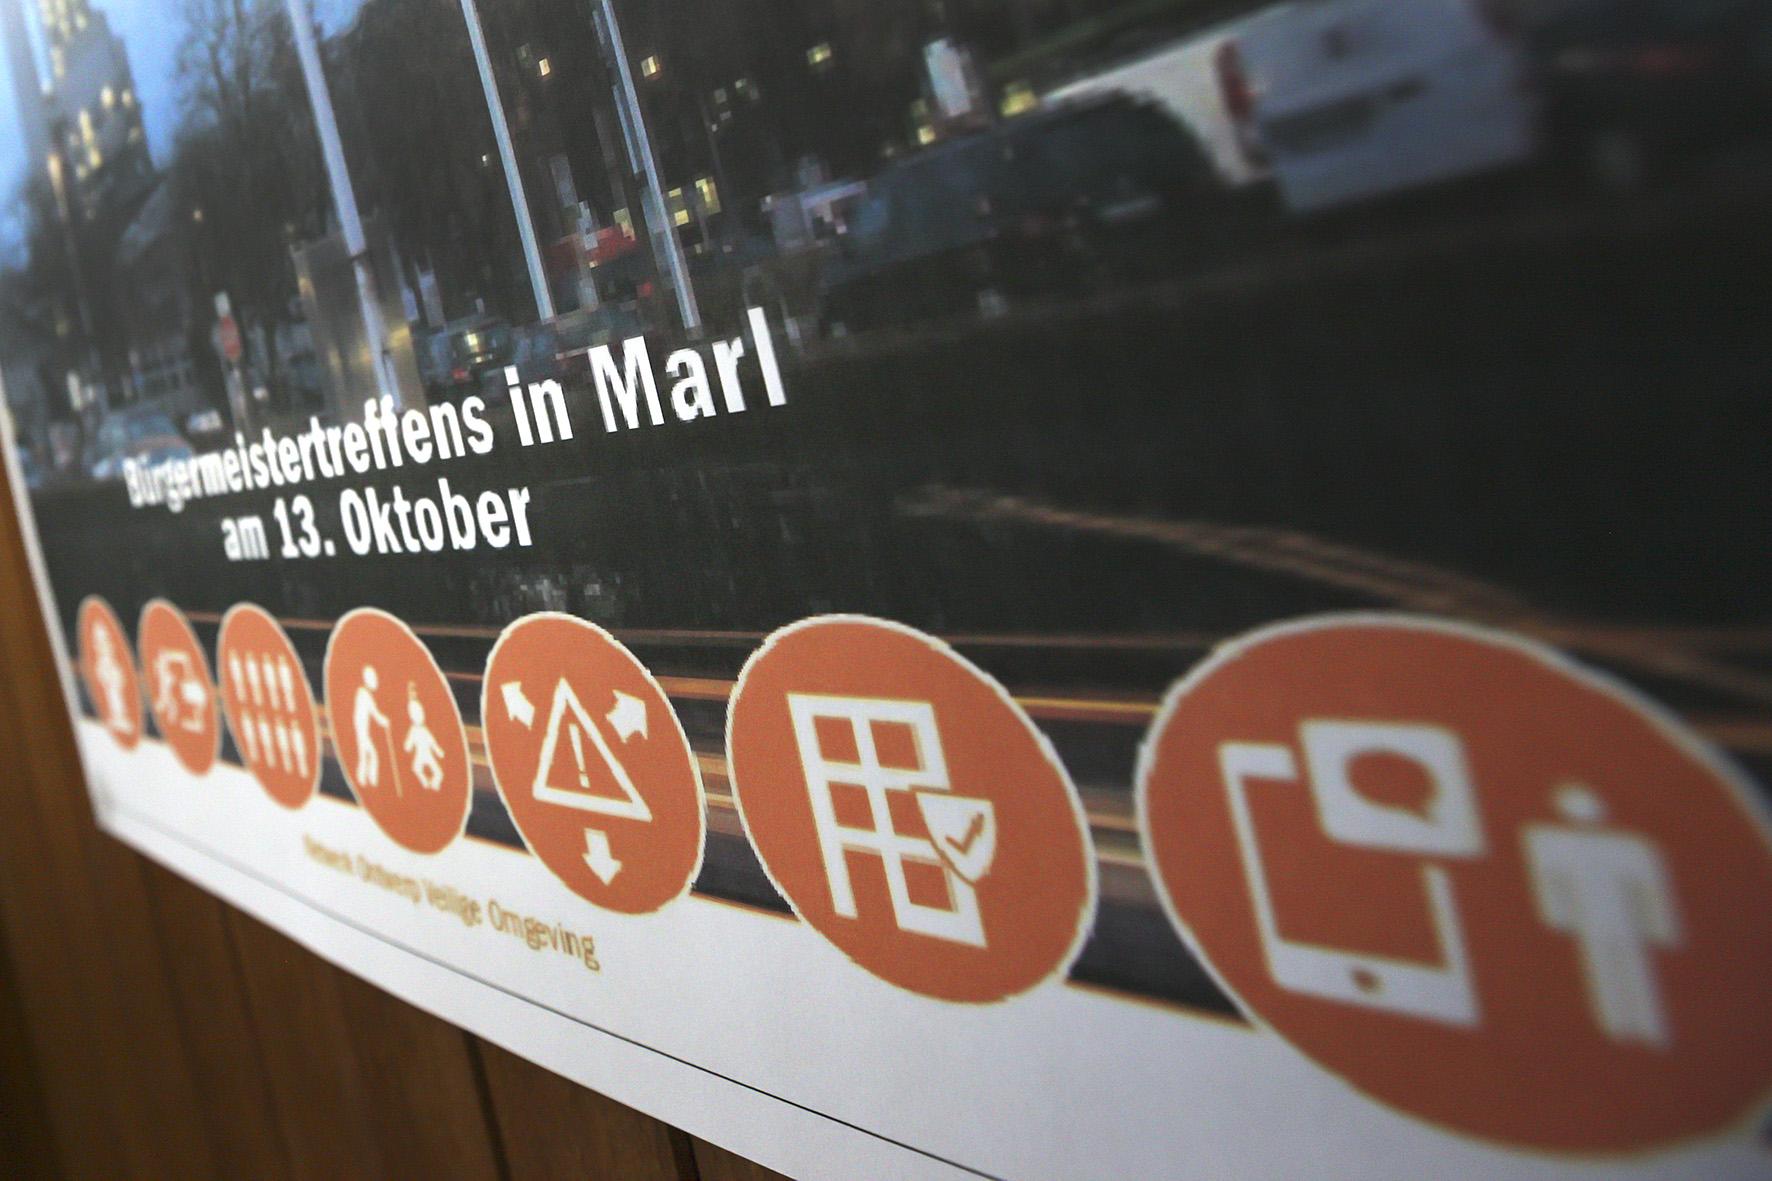 burgemeestersreis-netwerk-ontwerp-veilige-omgeving-41